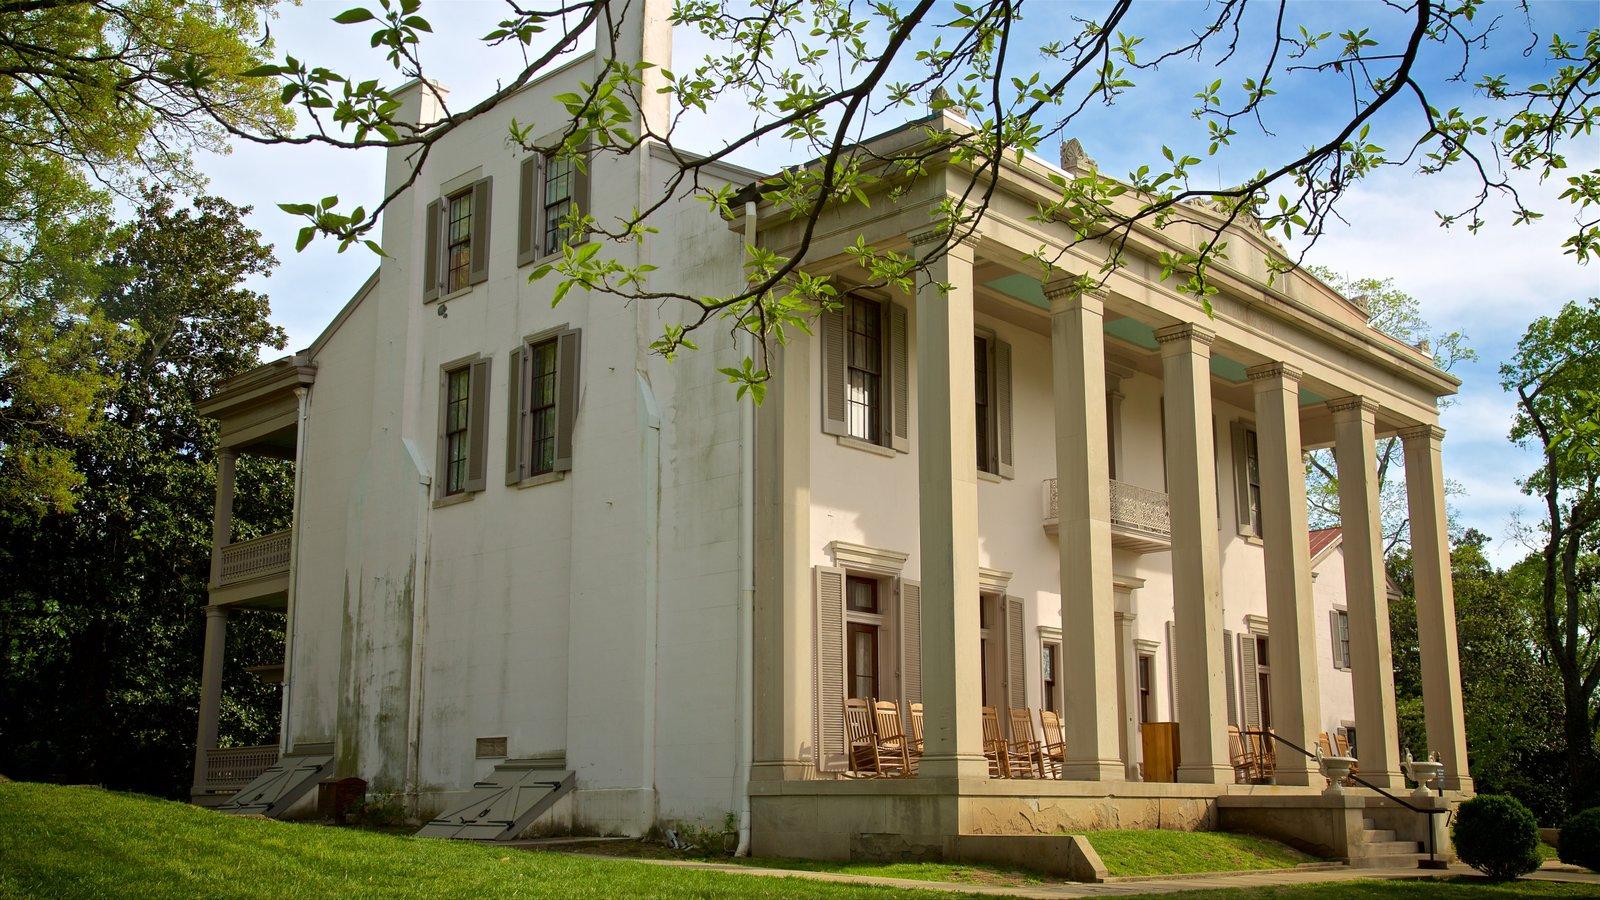 Belle Meade Plantation mostrando elementos del patrimonio y una casa